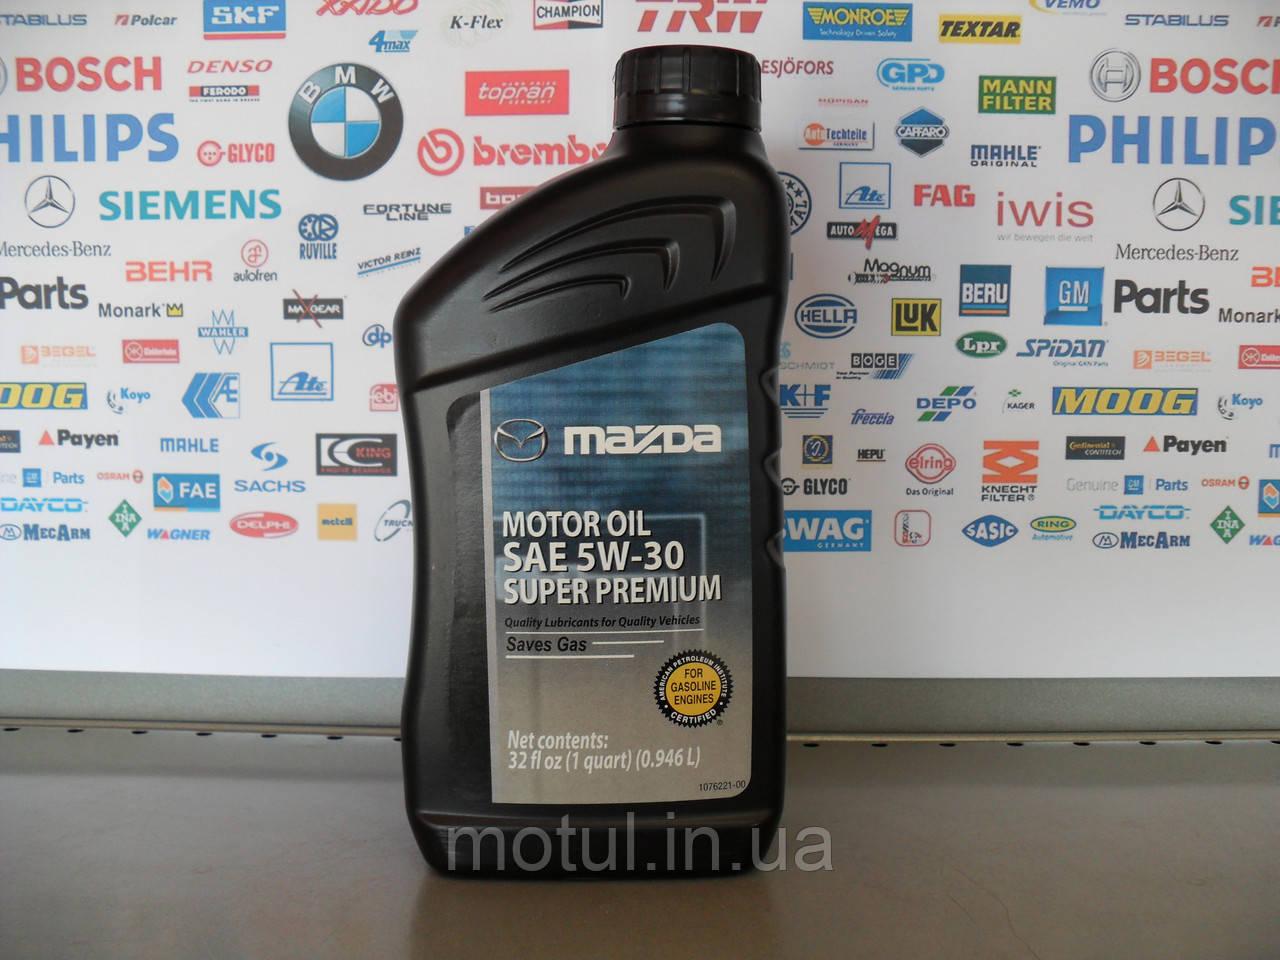 Моторне масло Mazda 5w30